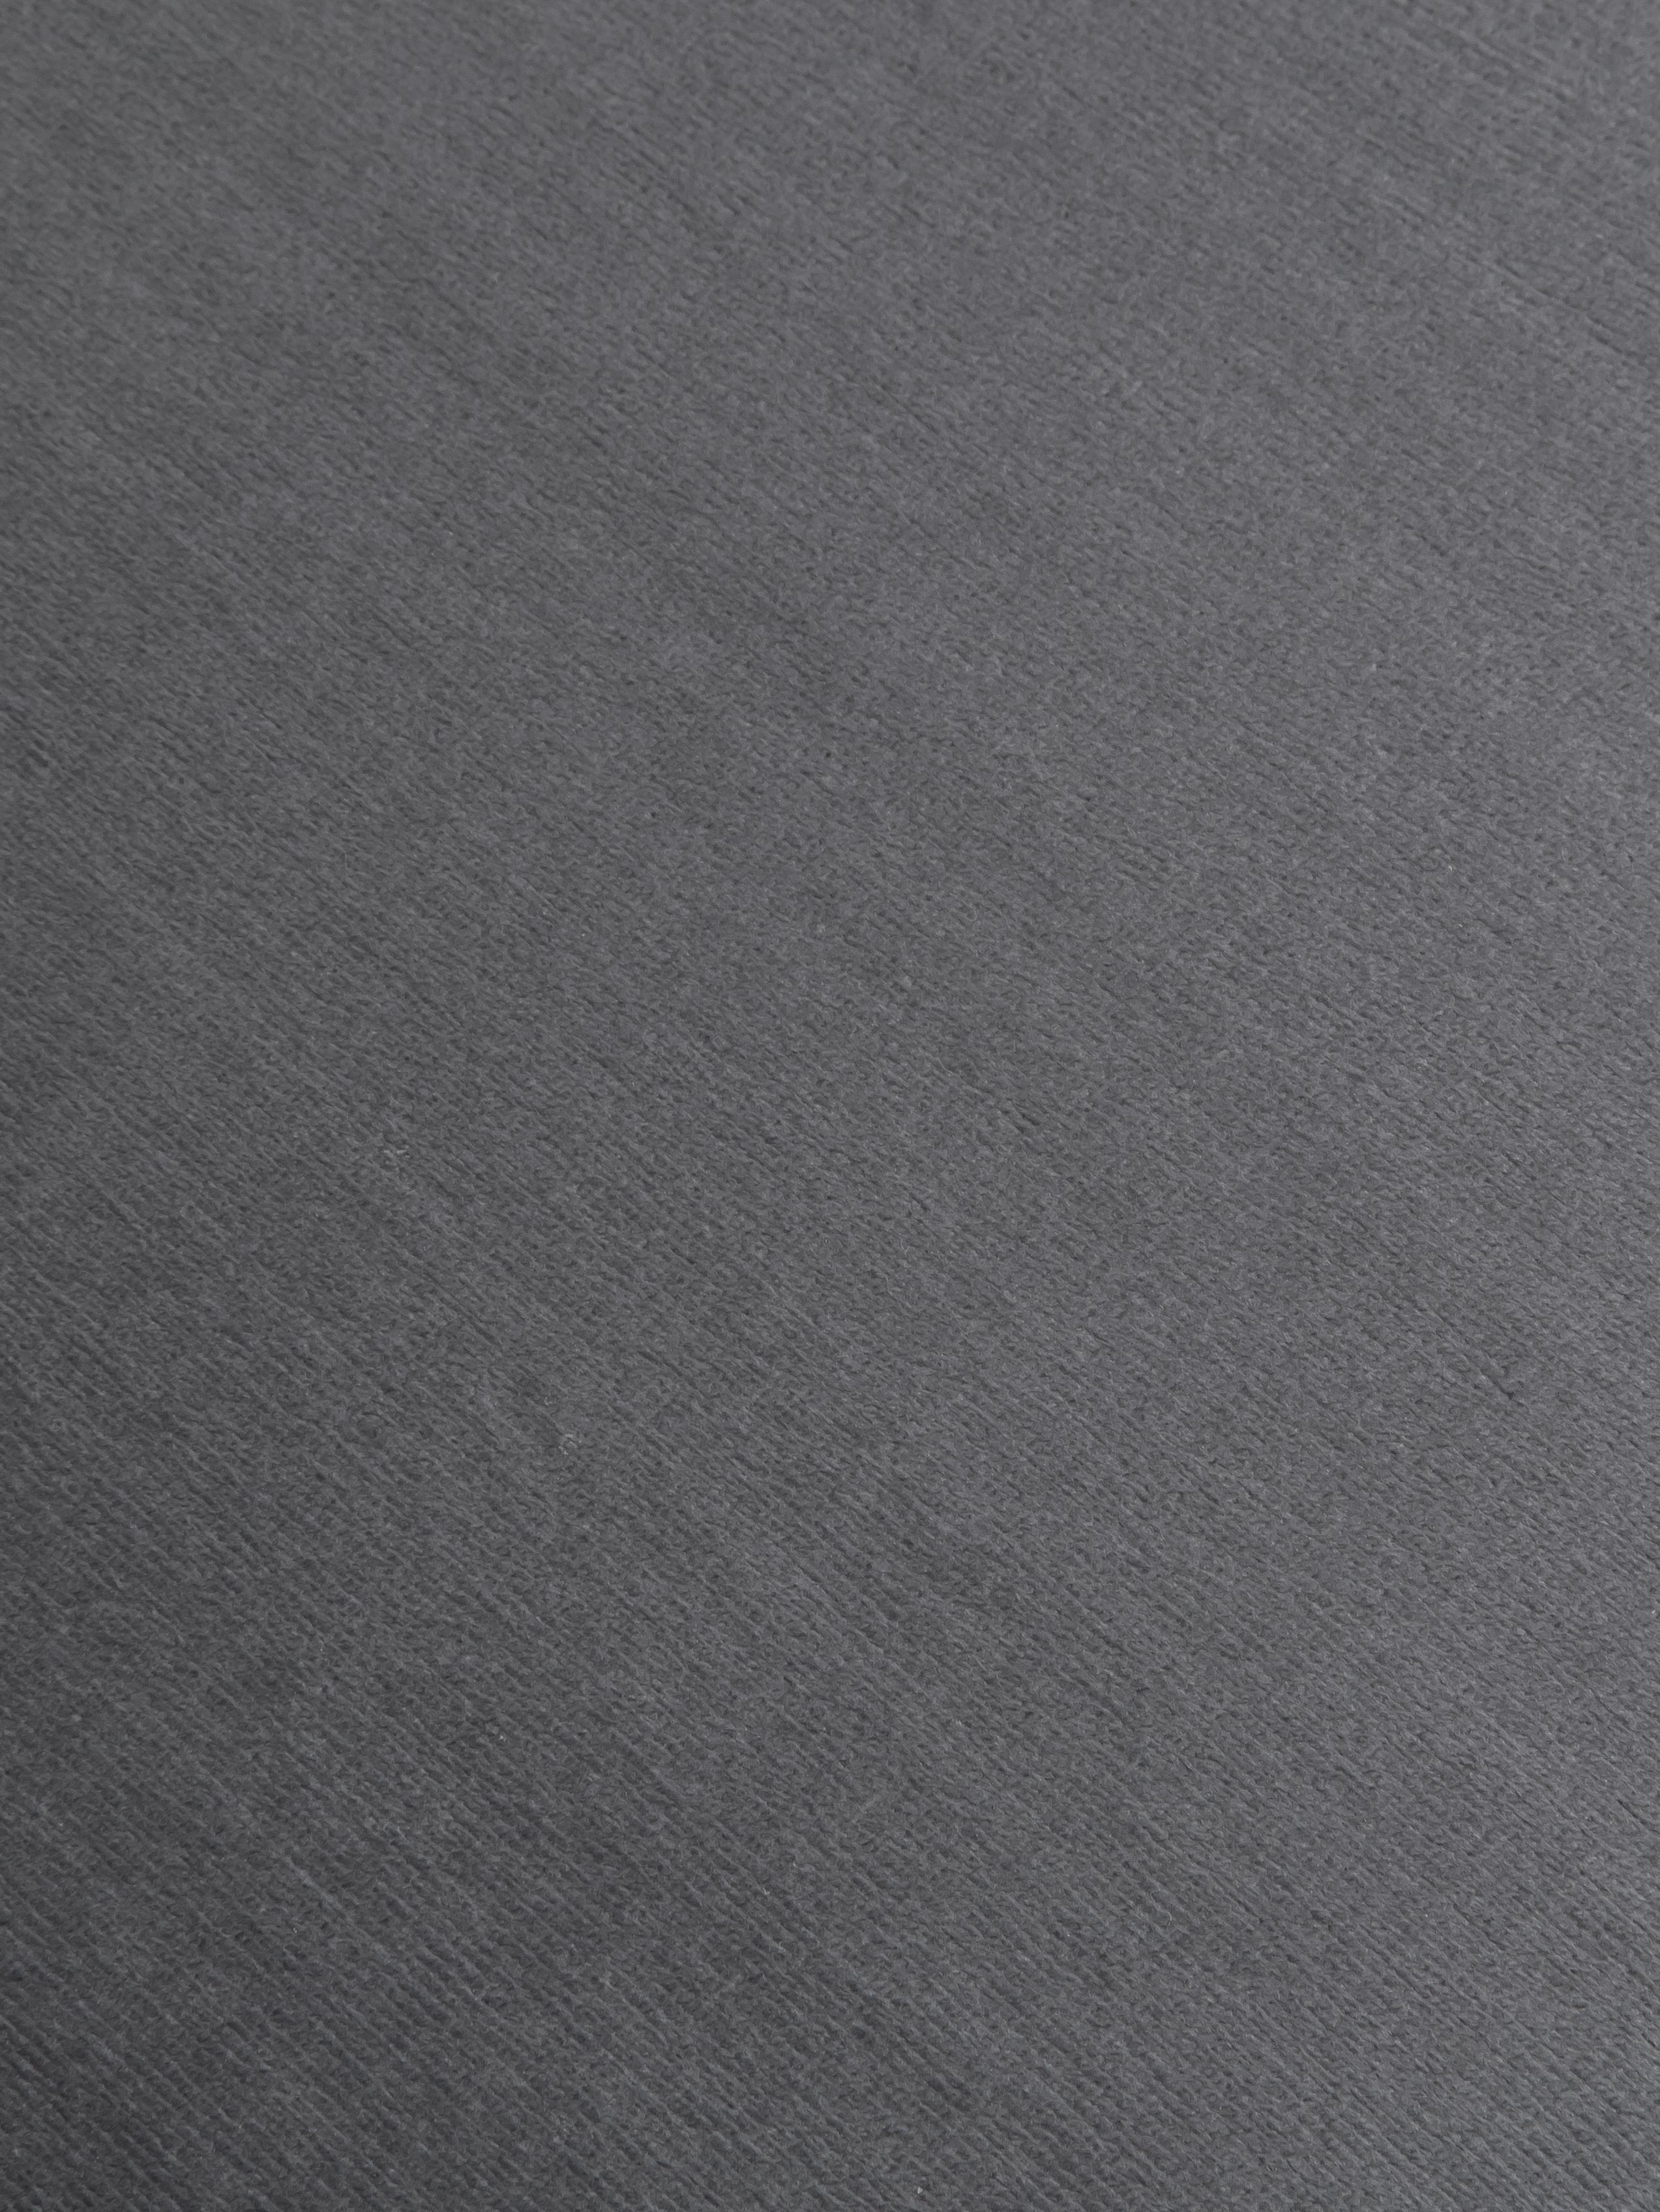 Fluwelen armstoel Rachel, Bekleding: fluweel (polyester) De be, Poten: gepoedercoat metaal, Fluweel staalgrijs. Poten zwart, B 47 x D 64 cm